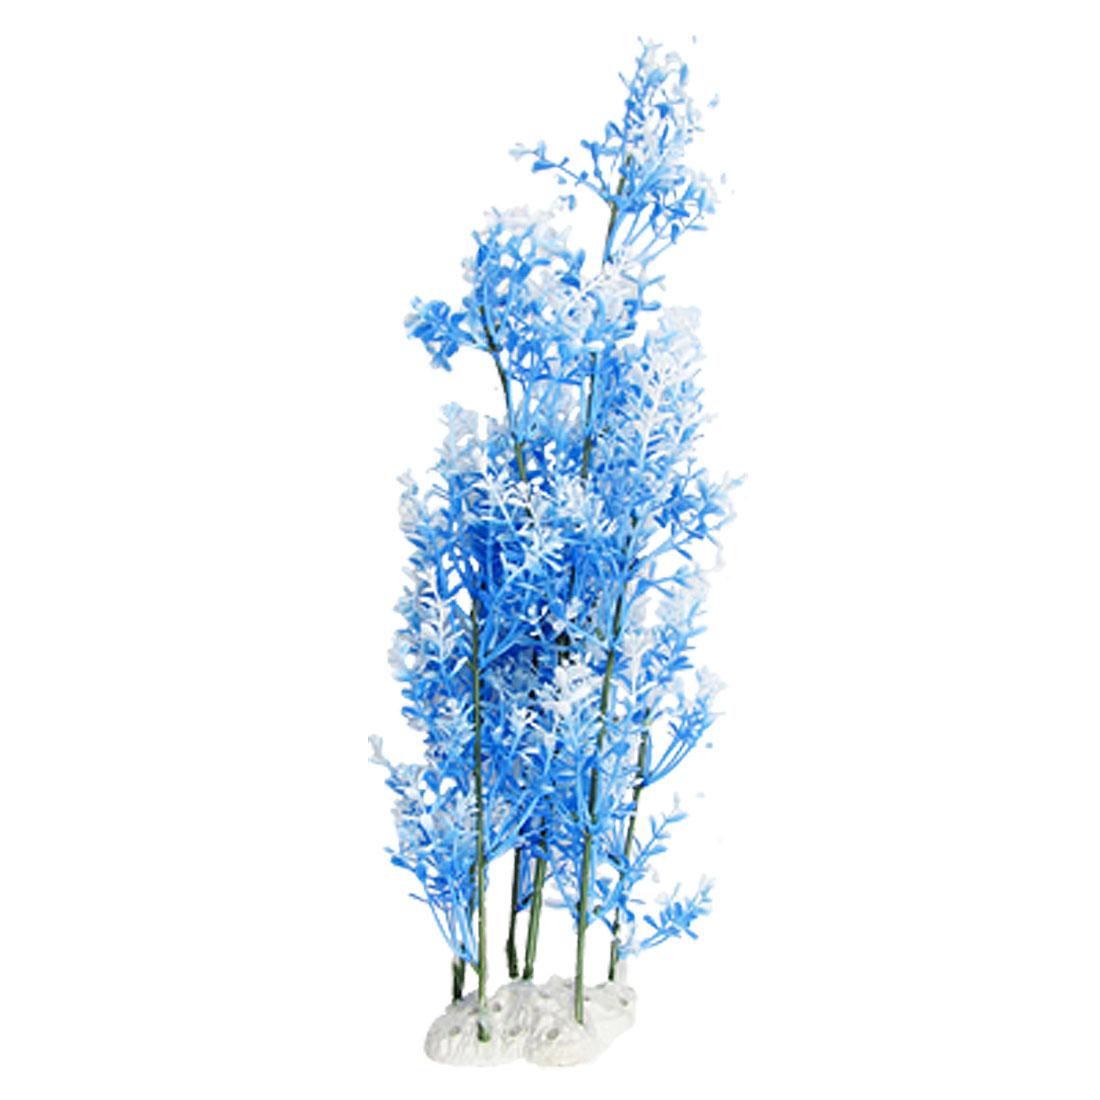 Fish Tank Ceramic Base Plastic Ornament Plant White Blue